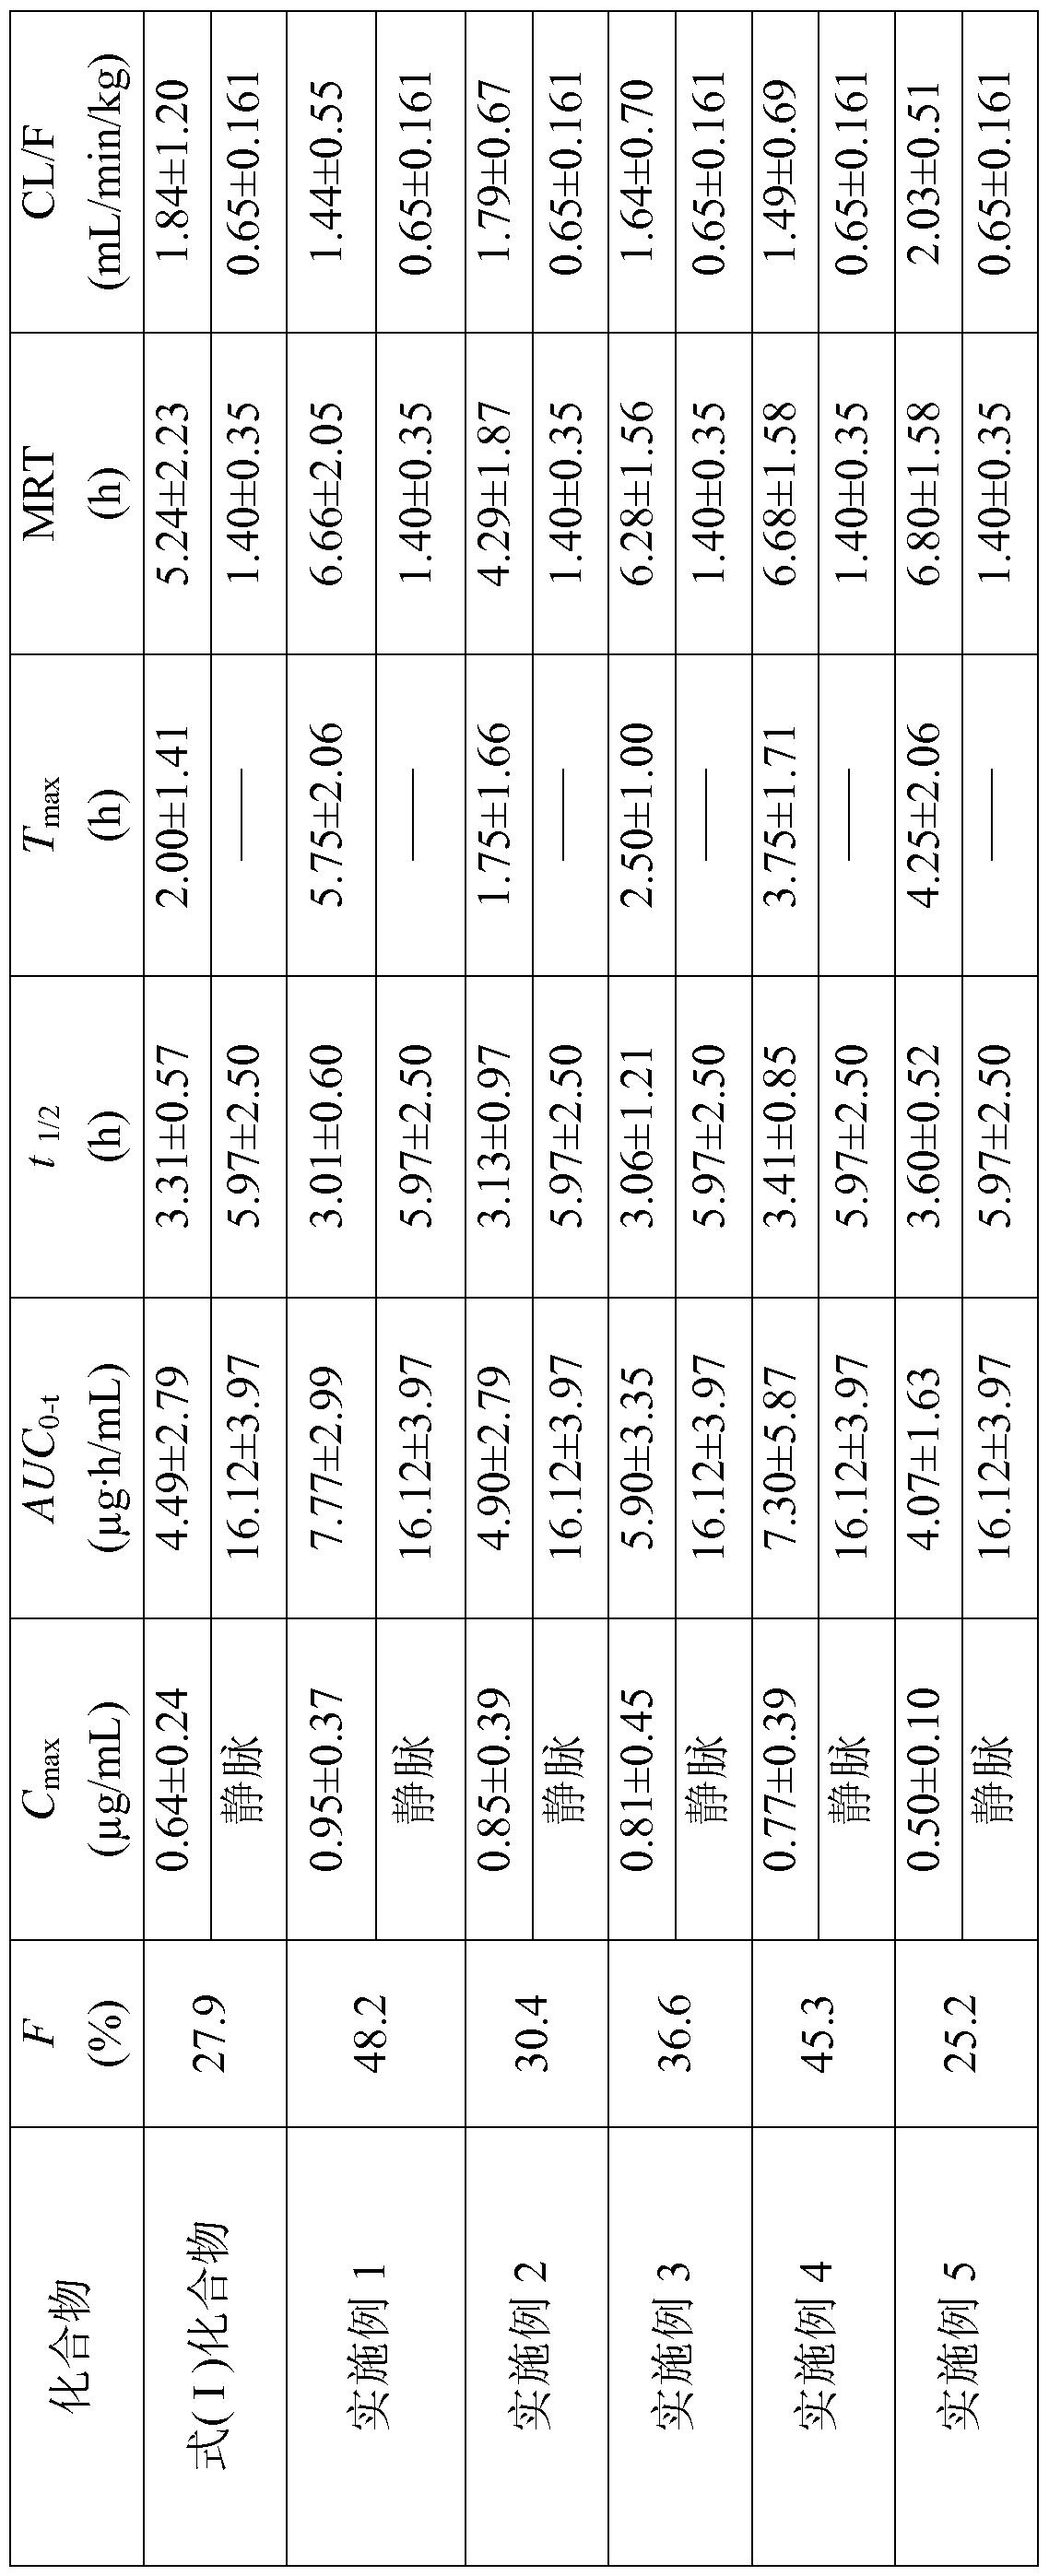 吡咯并n杂环类衍生物的可药用